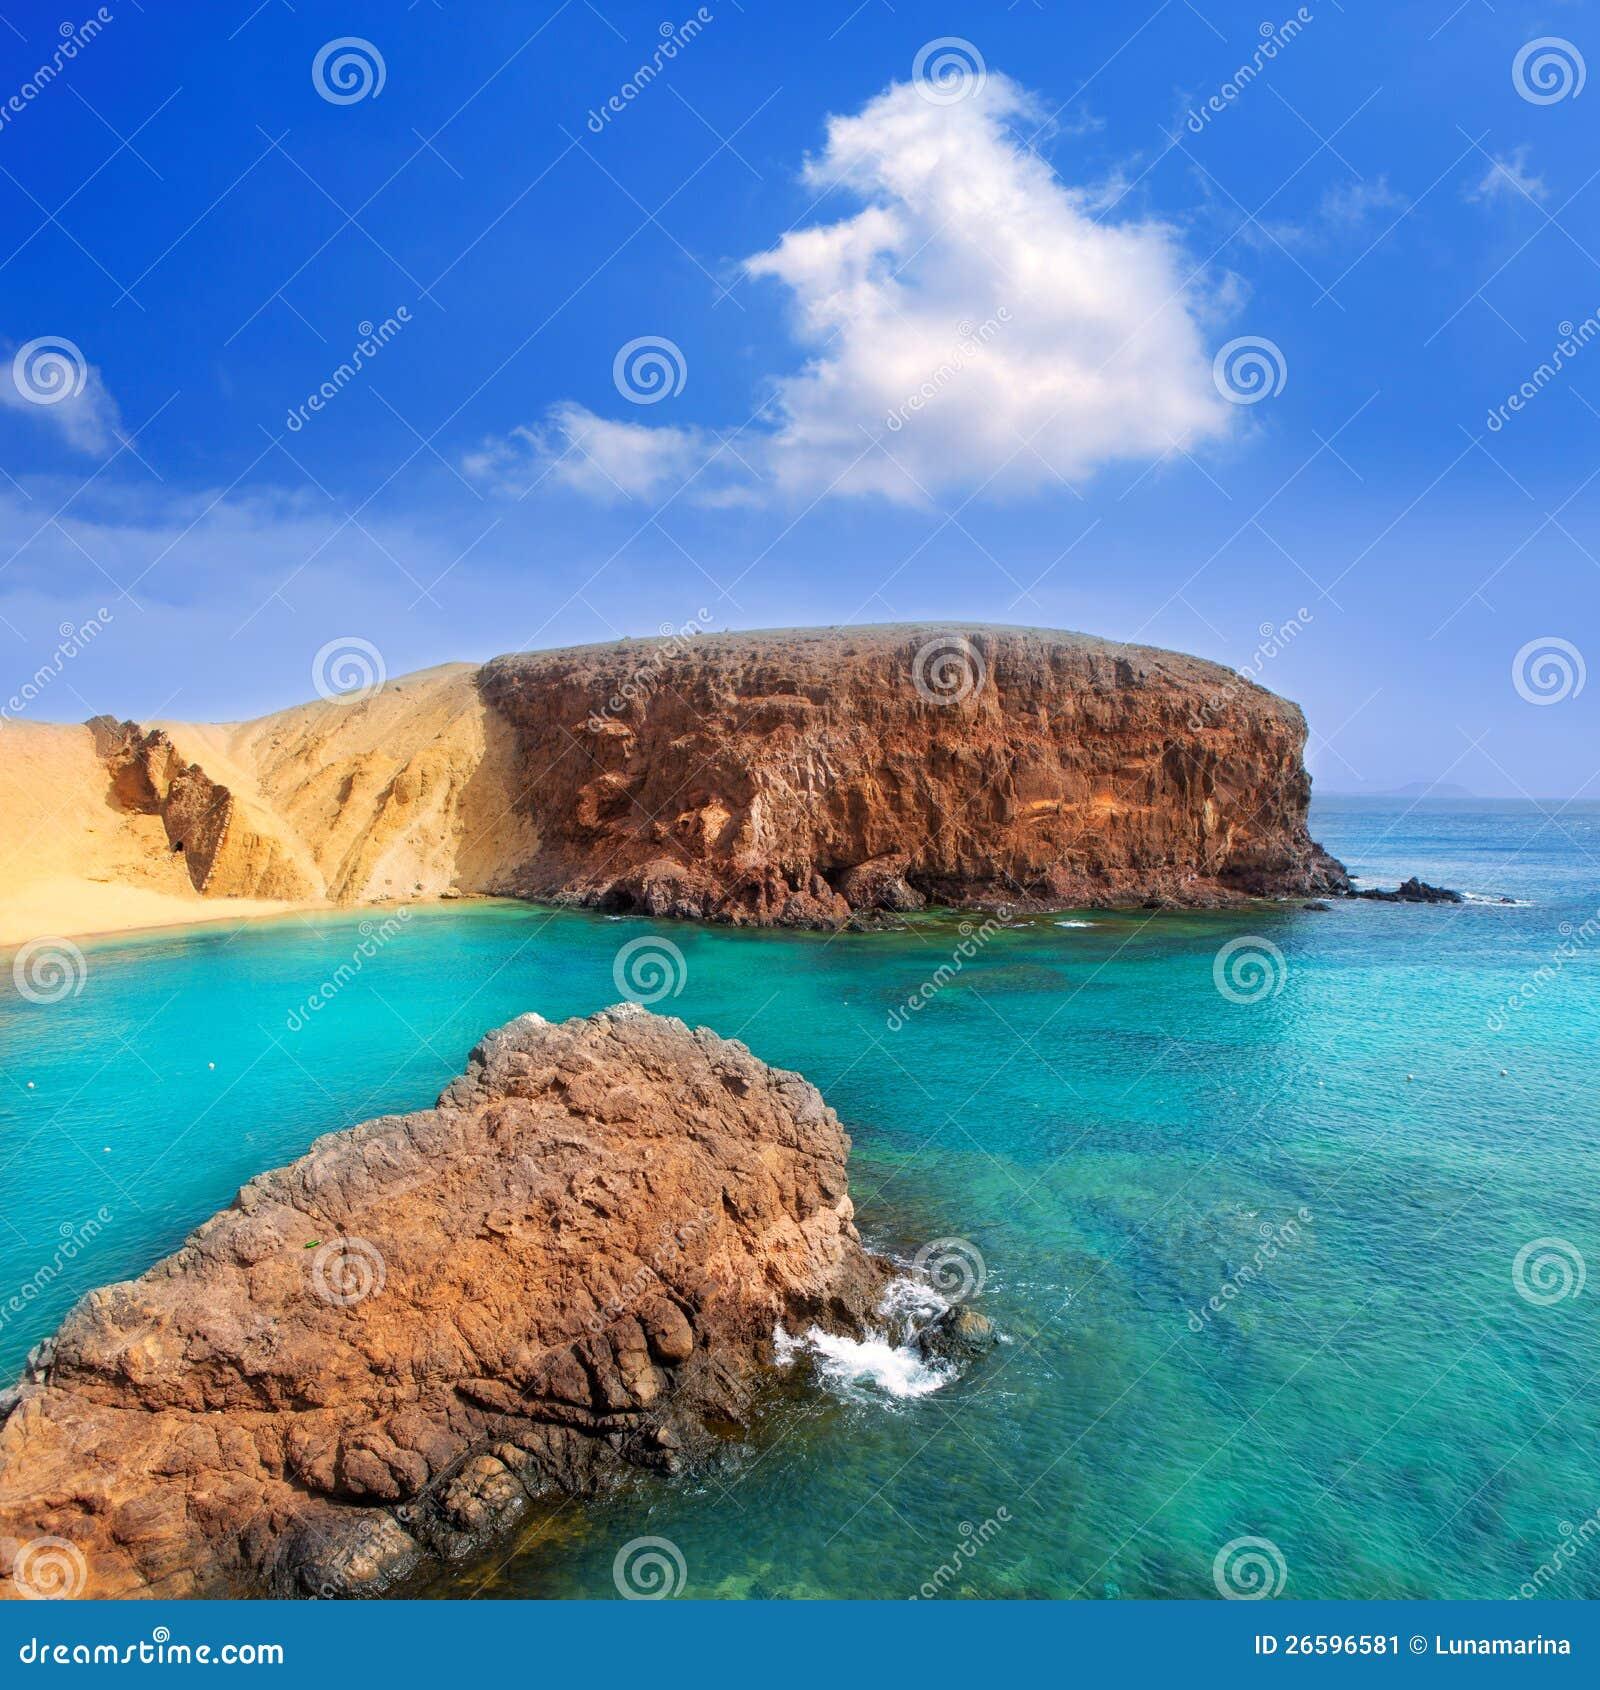 lanzarote el papagayo playa beach in canaries stock image image 26596581. Black Bedroom Furniture Sets. Home Design Ideas